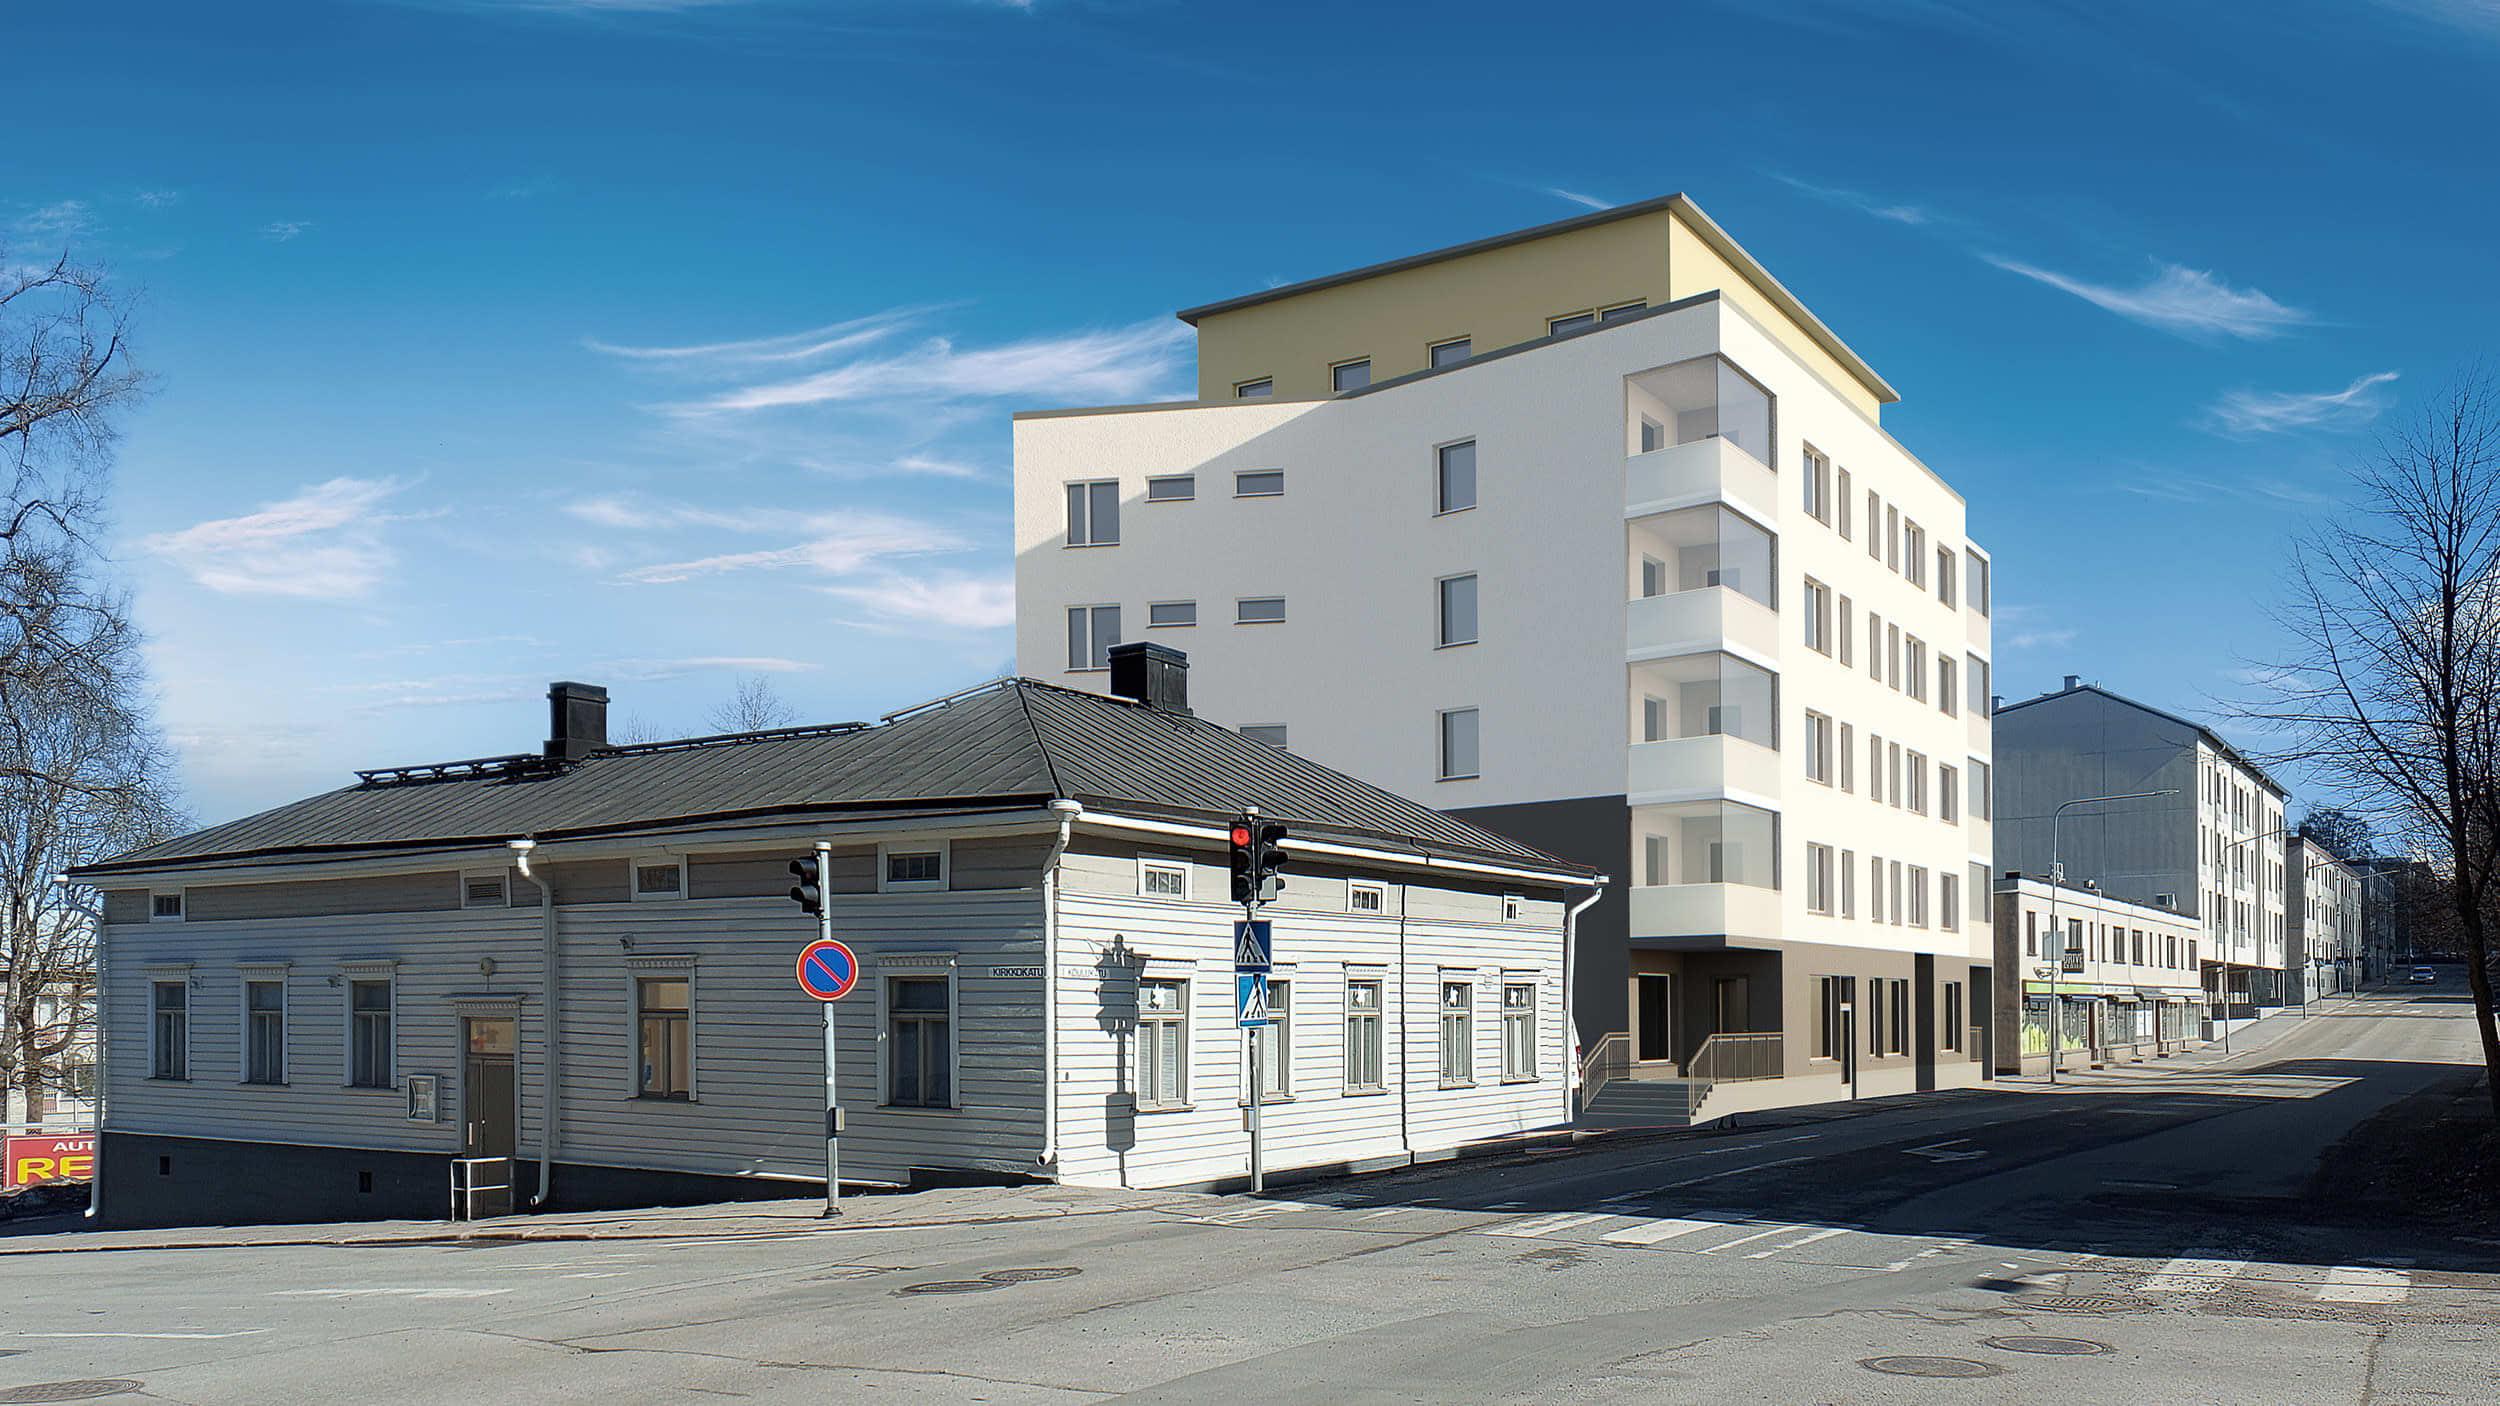 Havainnekuva, jossa edessä matala puurakennus ja takana 6-kerroksinen asuin-liiketalo.